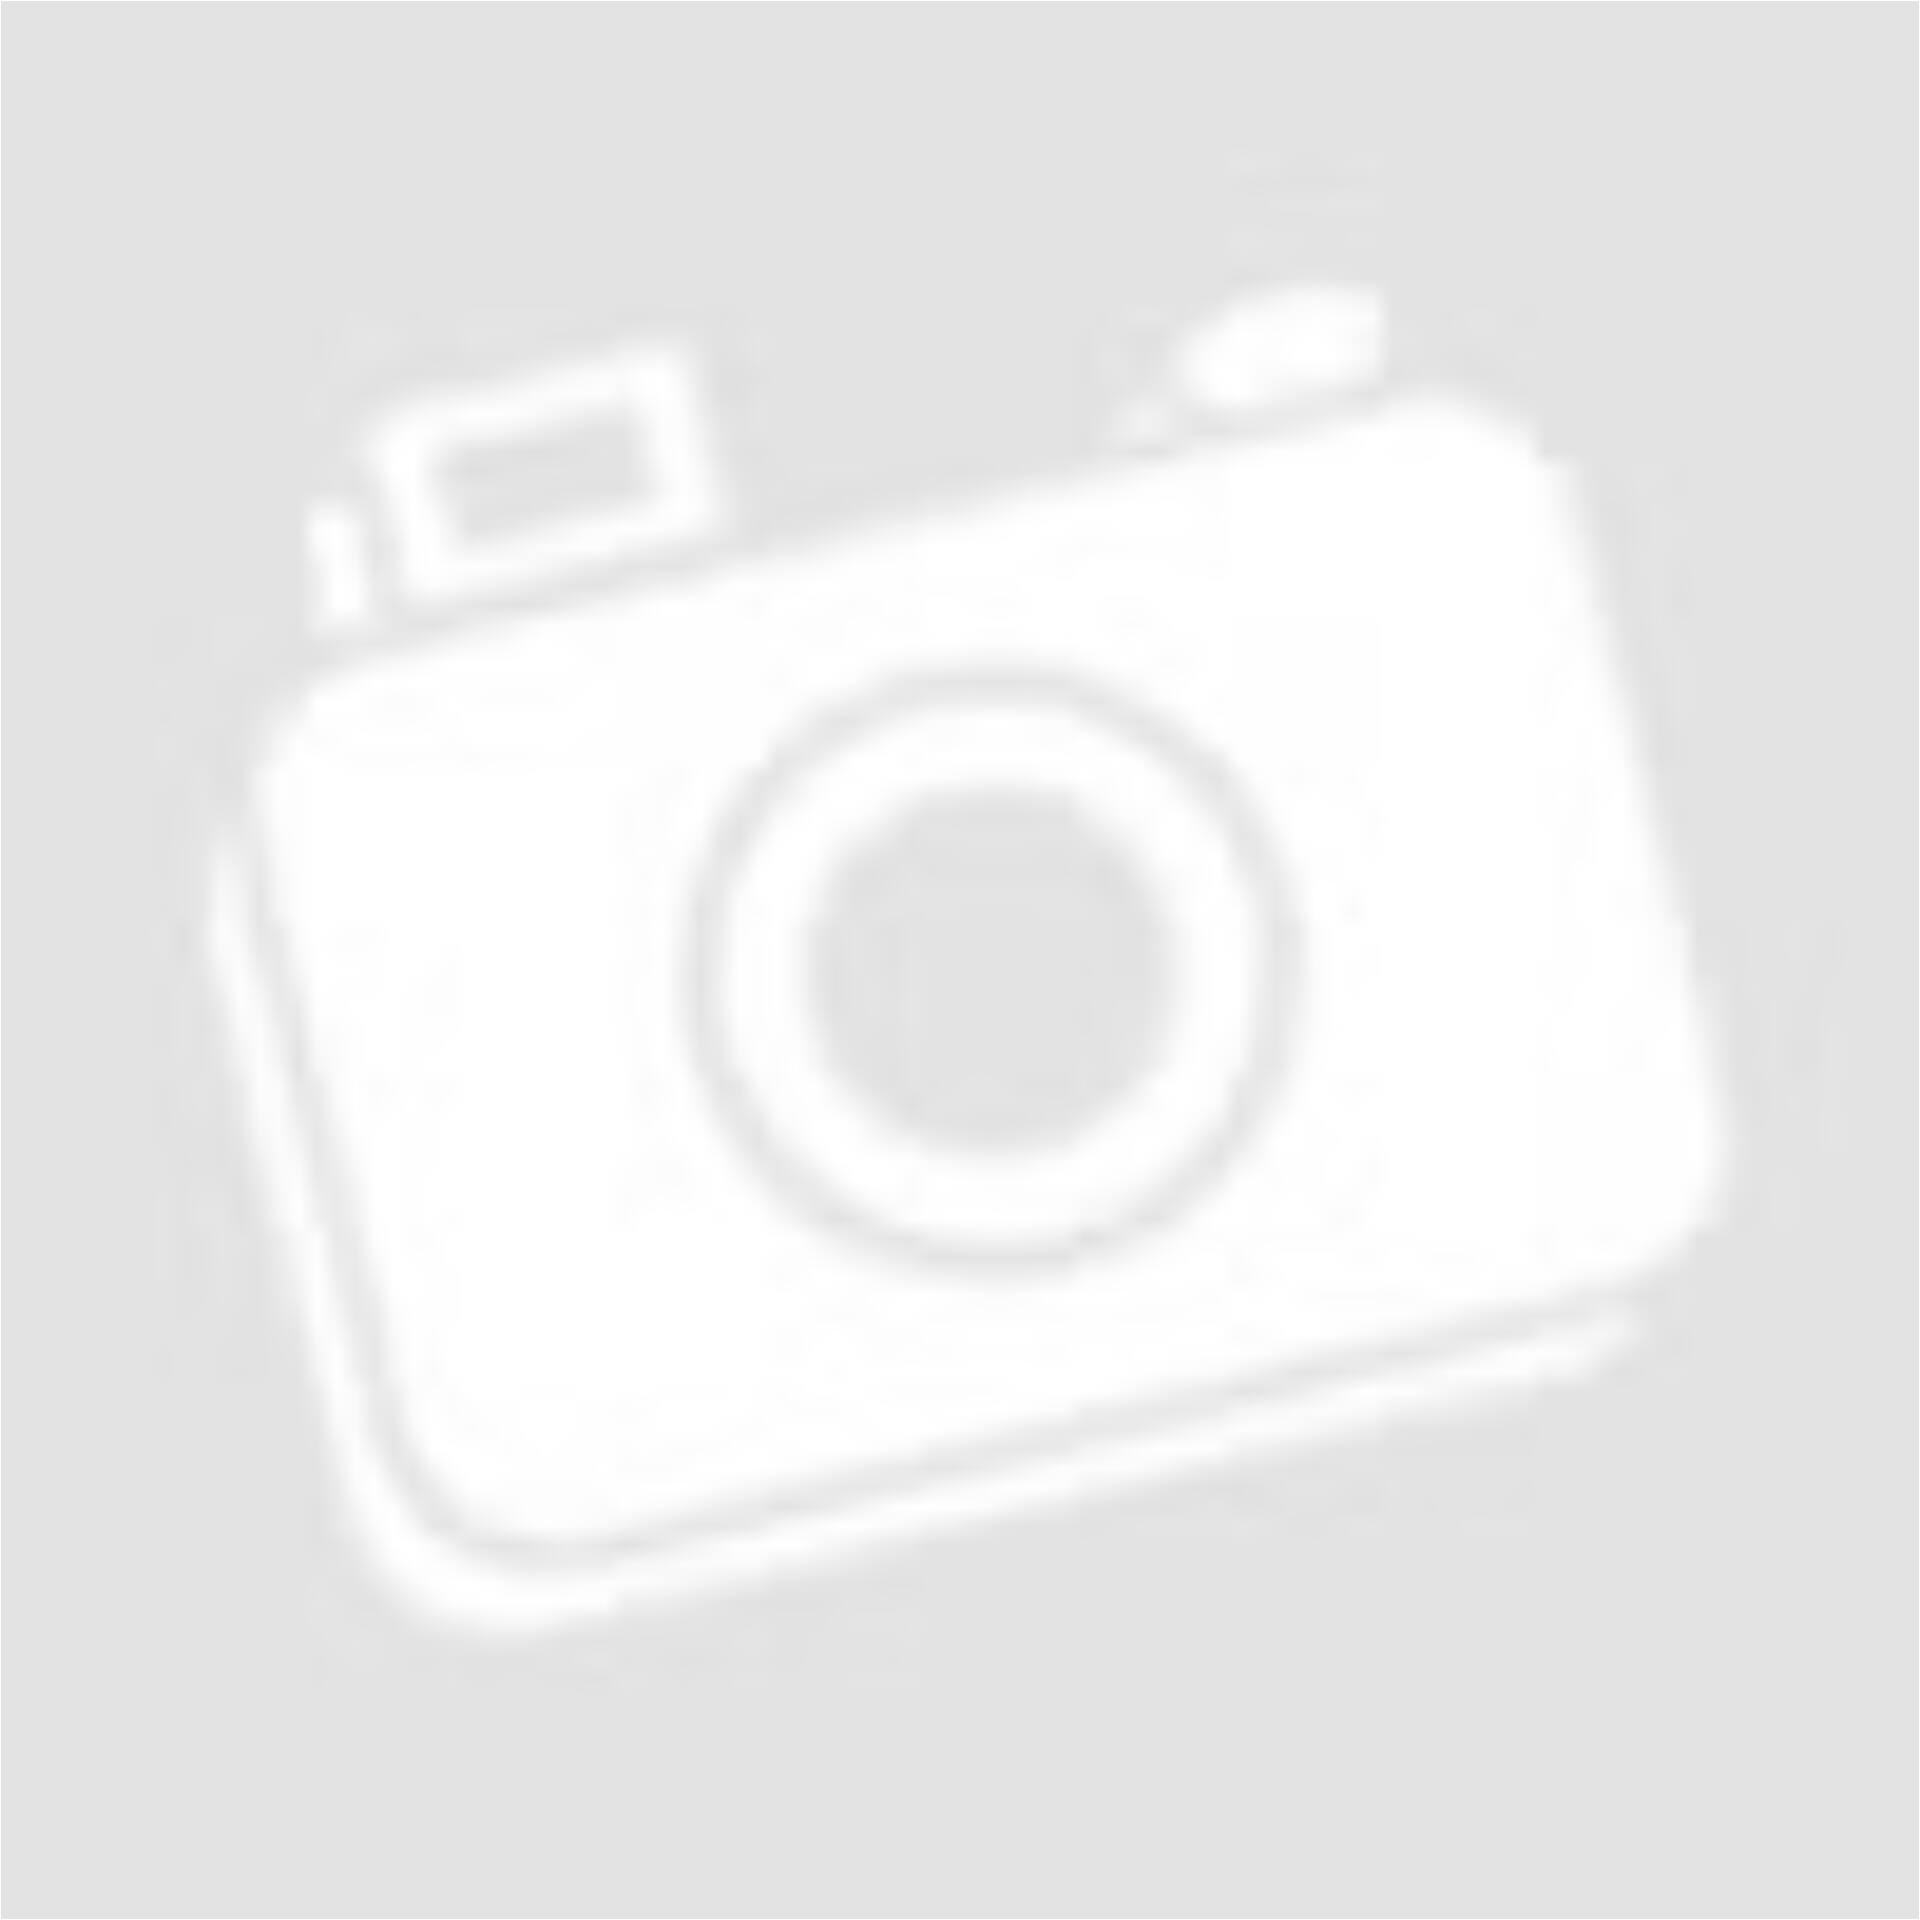 ESPRIT fehér szoknya (Méret  XL) - Szoknya - Öltözz ki webáruház ... fe3229ed31